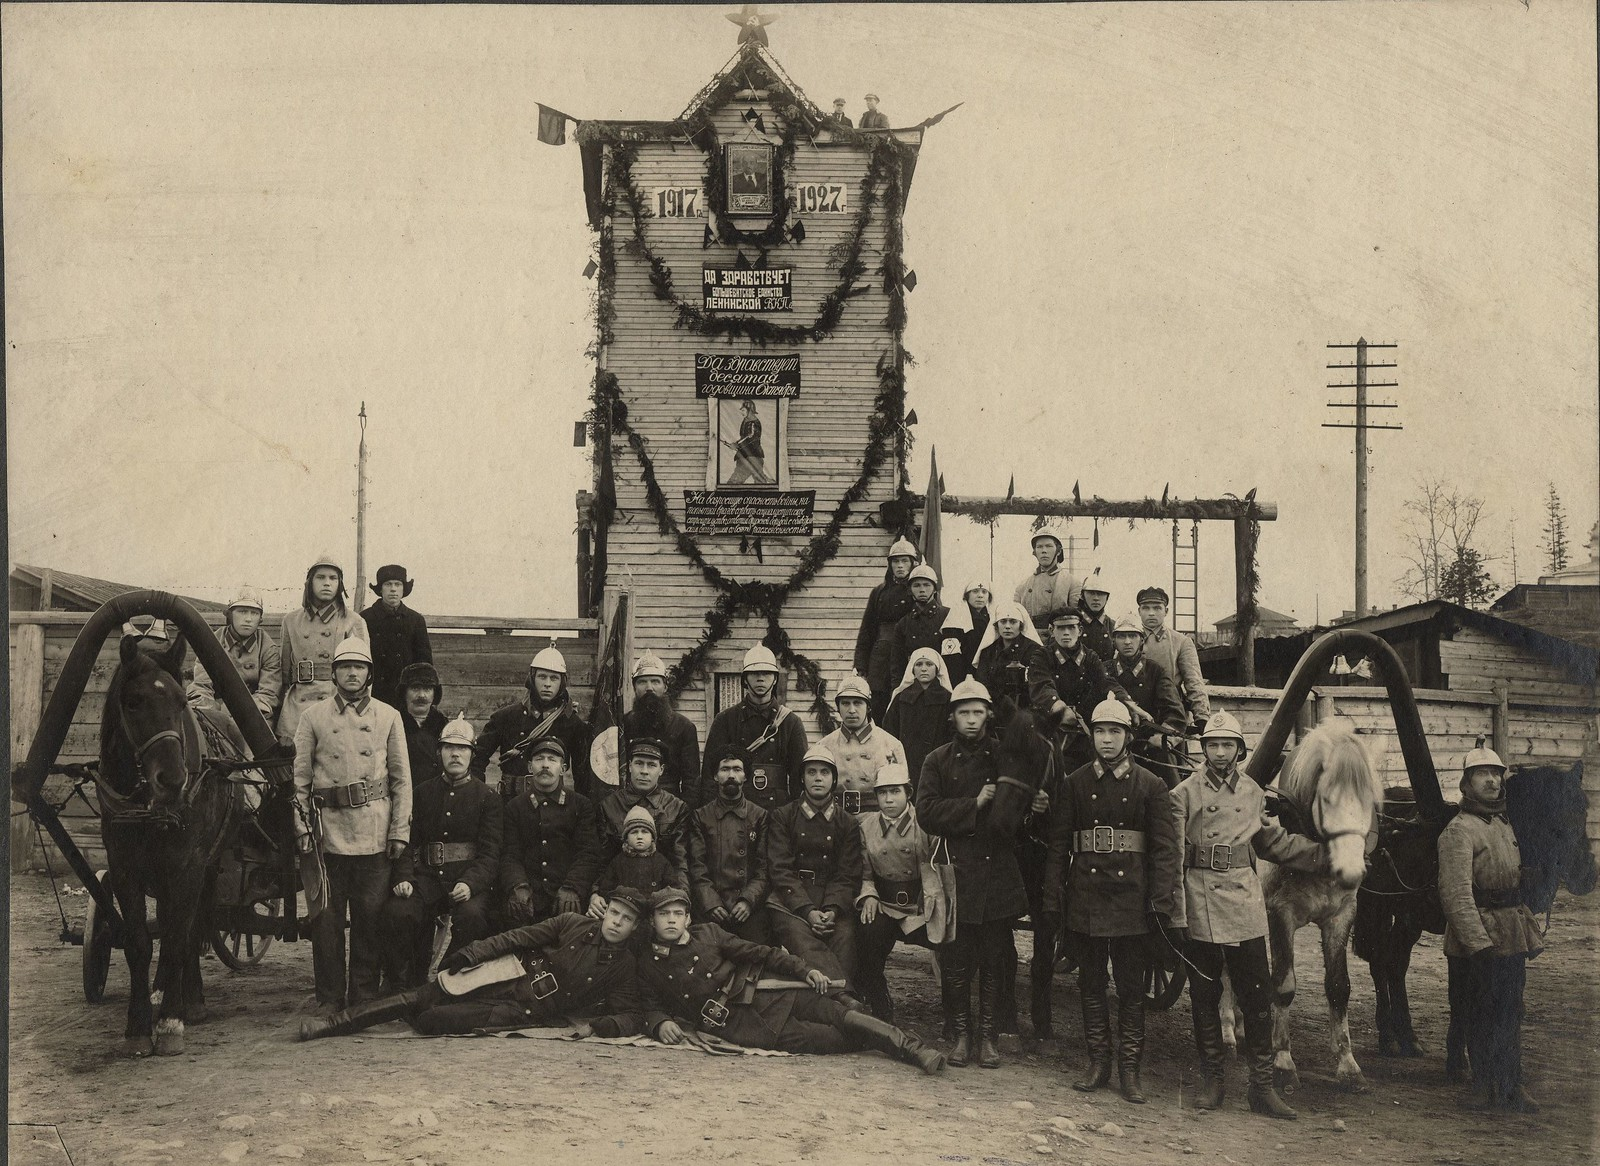 1927. Пожарная команда Иркутска